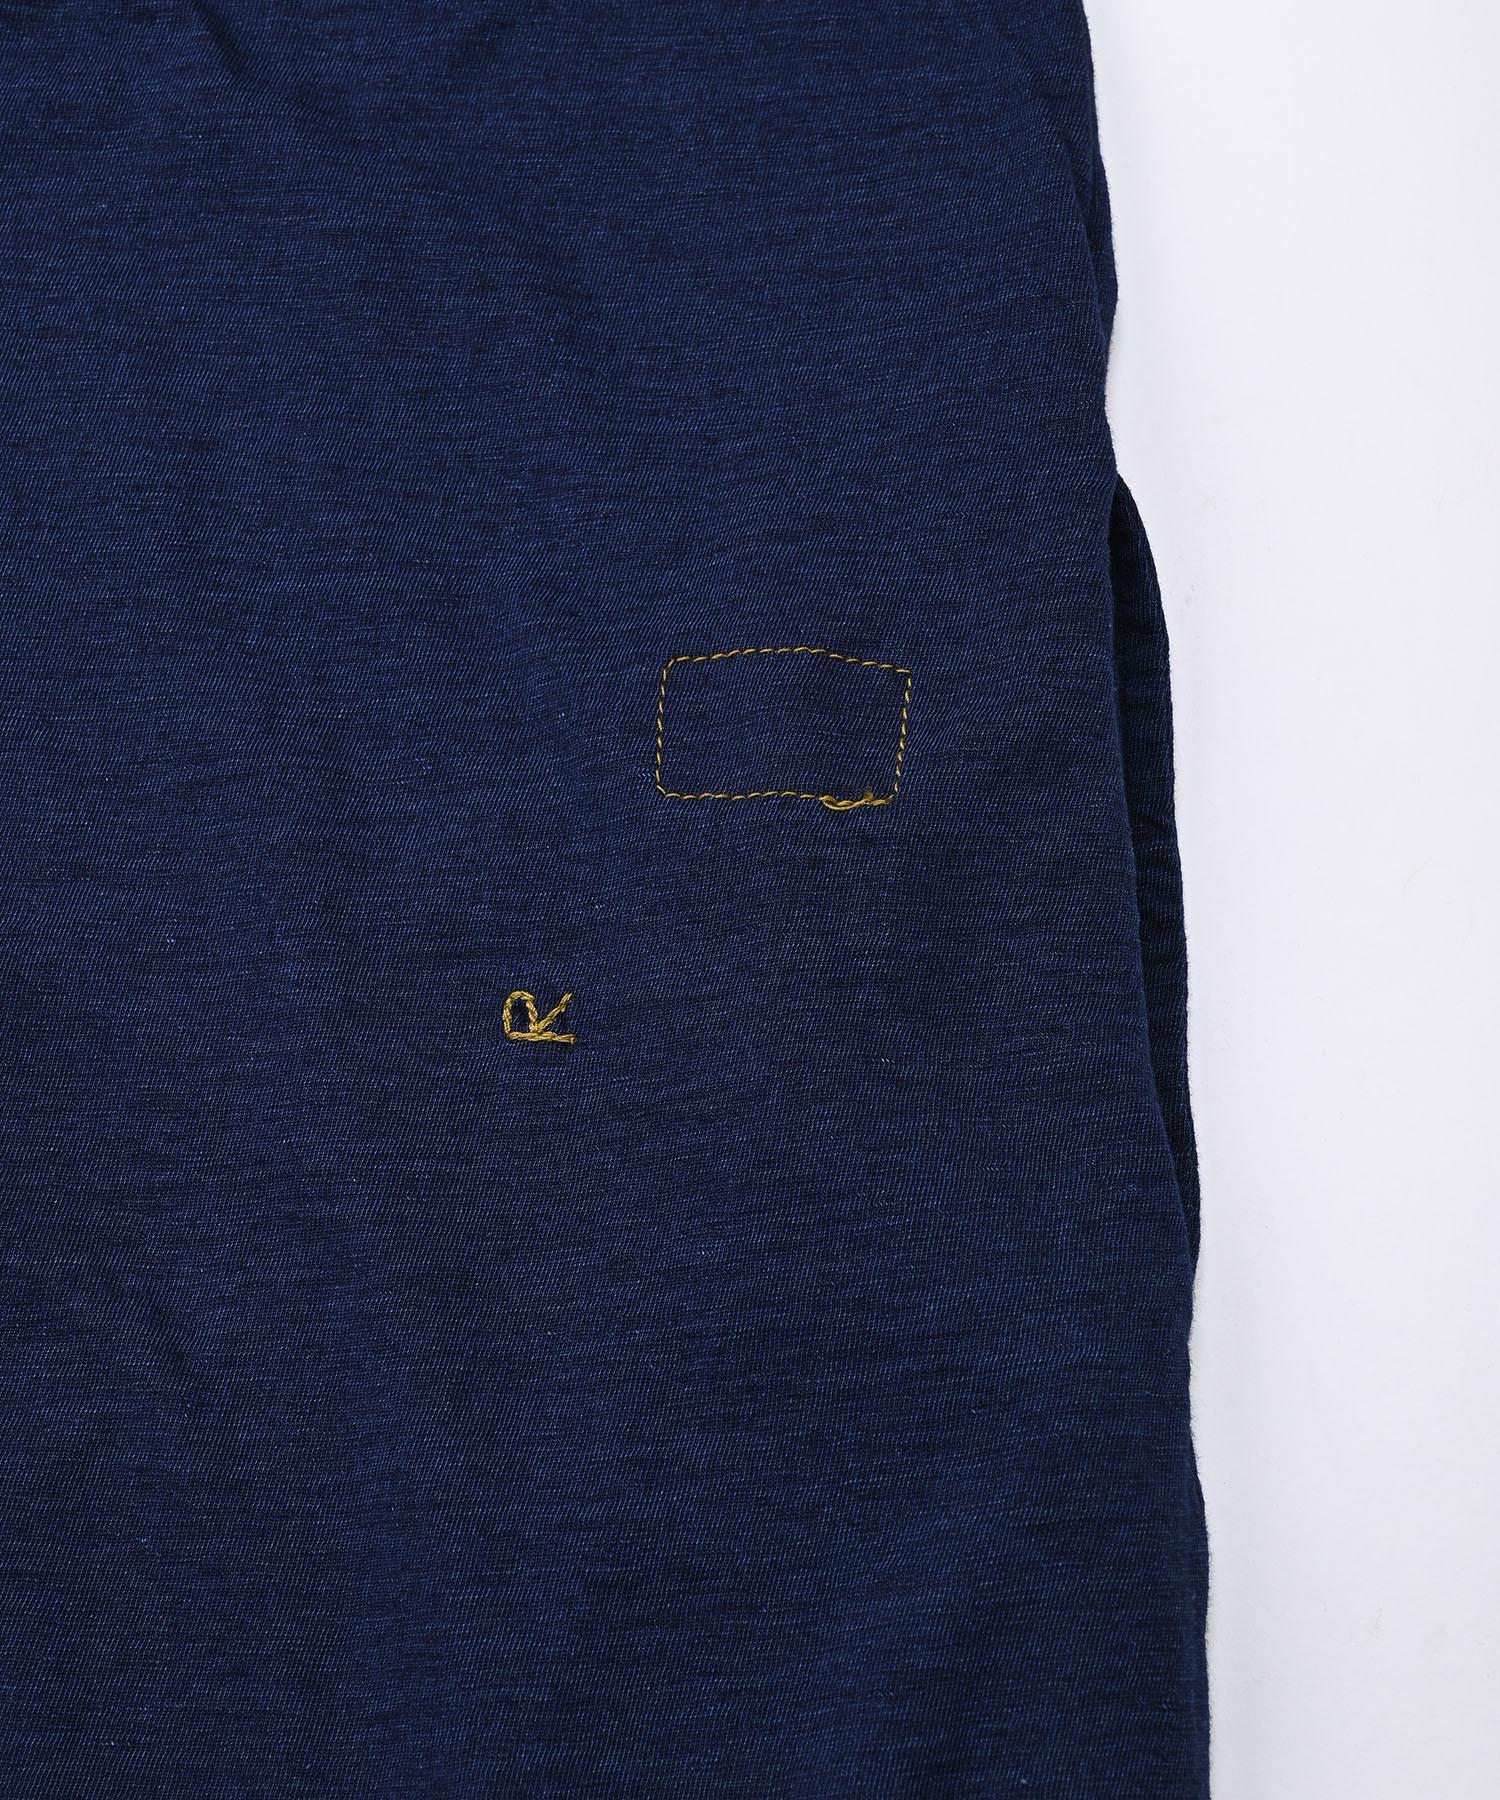 Indigo Zimbabwe Cotton Umahiko Dress (0421)-8